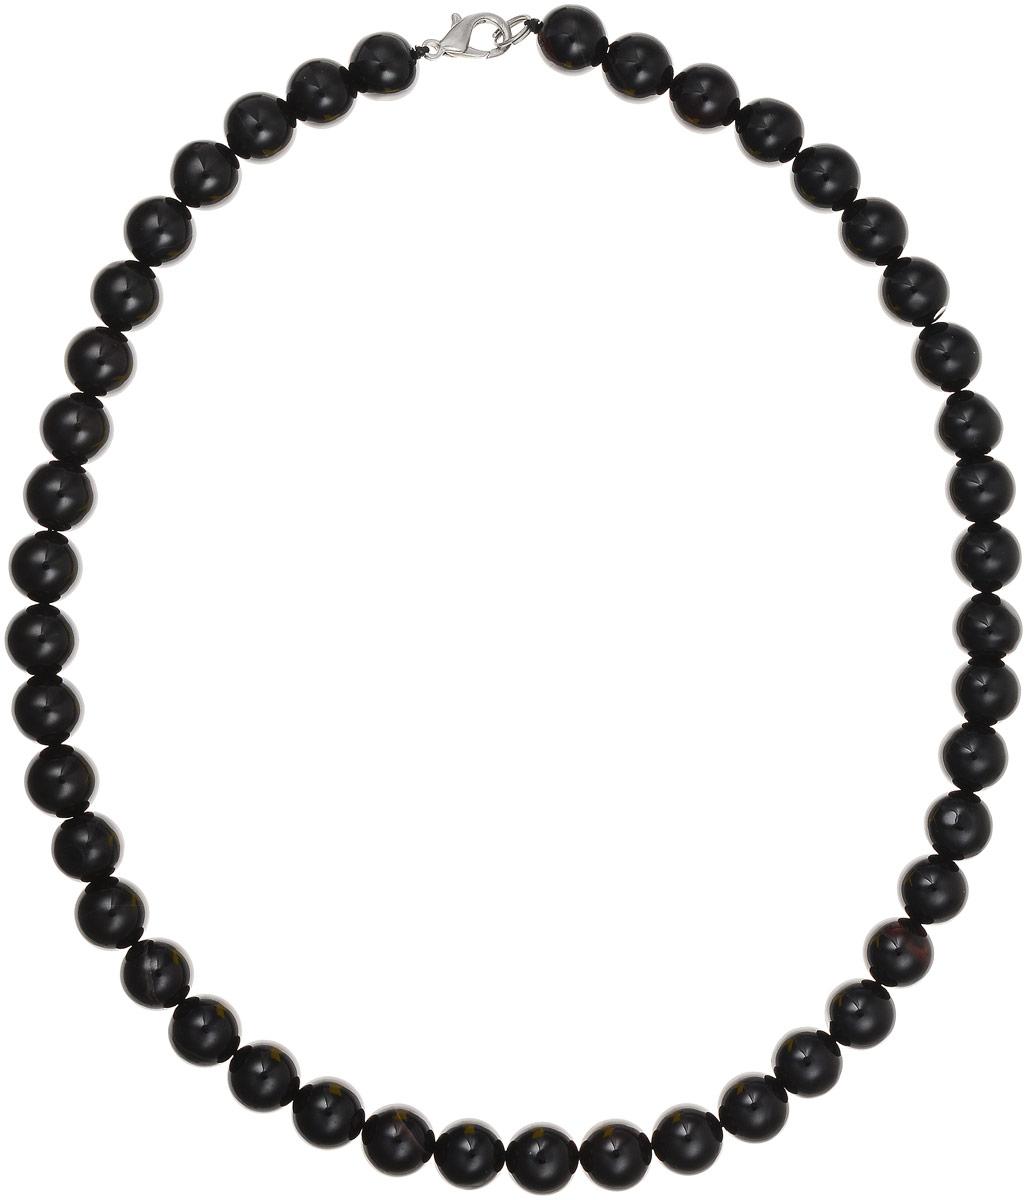 Бусы Art-Silver, цвет: черный, длина 45 см. ЧА10-45-310ЧА10-45-310Бусы Art-Silver выполнены из натурального агата, нанизанного на текстильную нить. Украшение застегивается на практичный карабин из бижутерного сплава. Бусины диаметром 10 мм имеют благородный черный цвет, характерный для агата. Такие бусы украсят как вечерний, так и повседневный наряд.